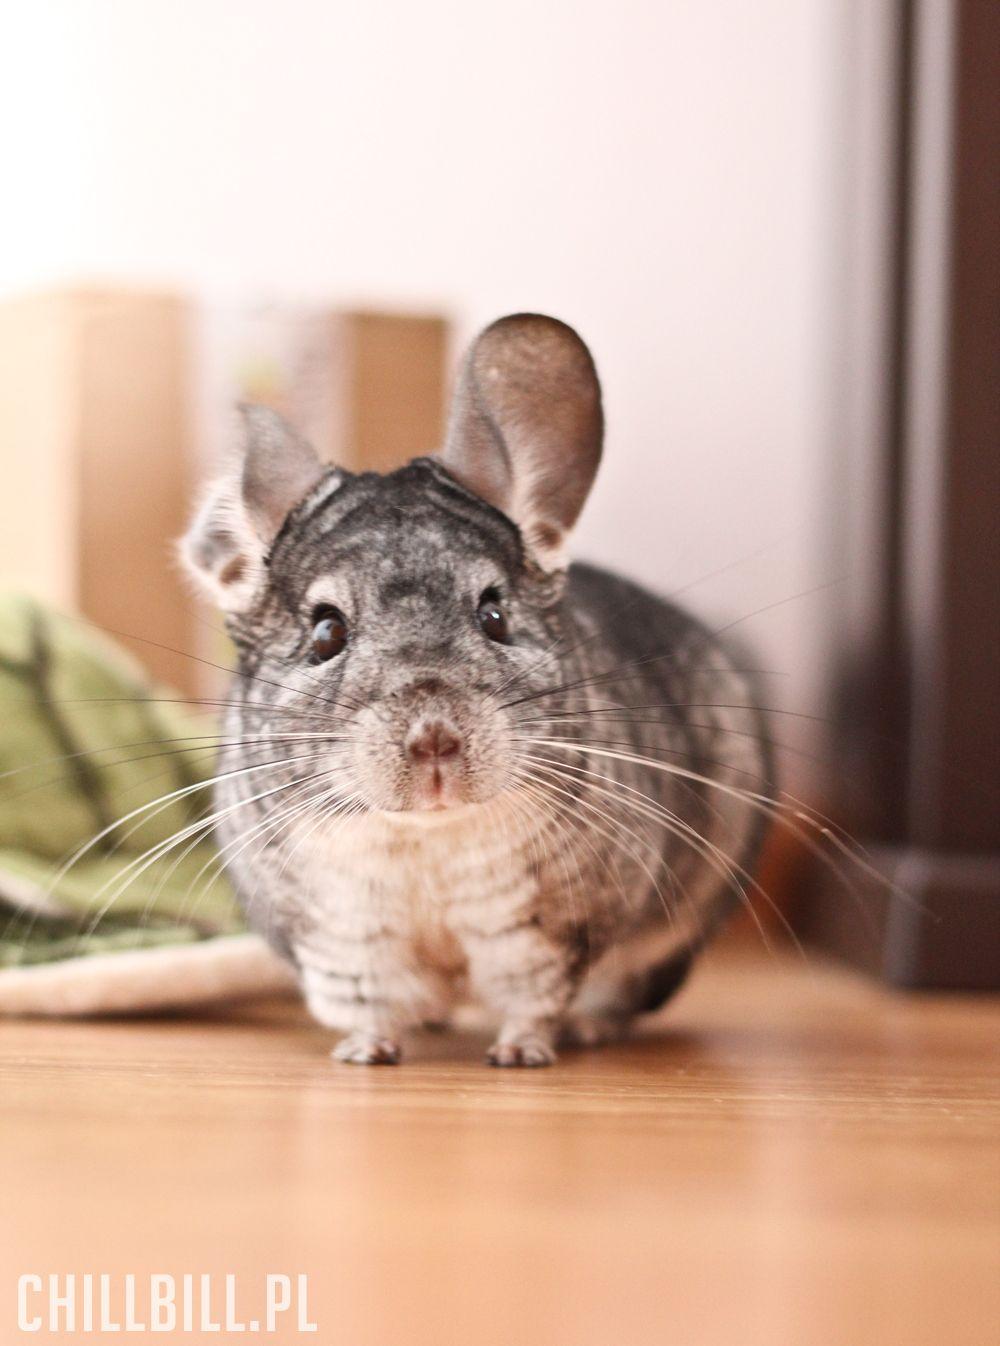 La chinchilla de cola larga es una especie de roedor de la familia  Chinchillidae.La chinchilla es más pequeña que la chinchilla chinc… e5ae7fc1f6